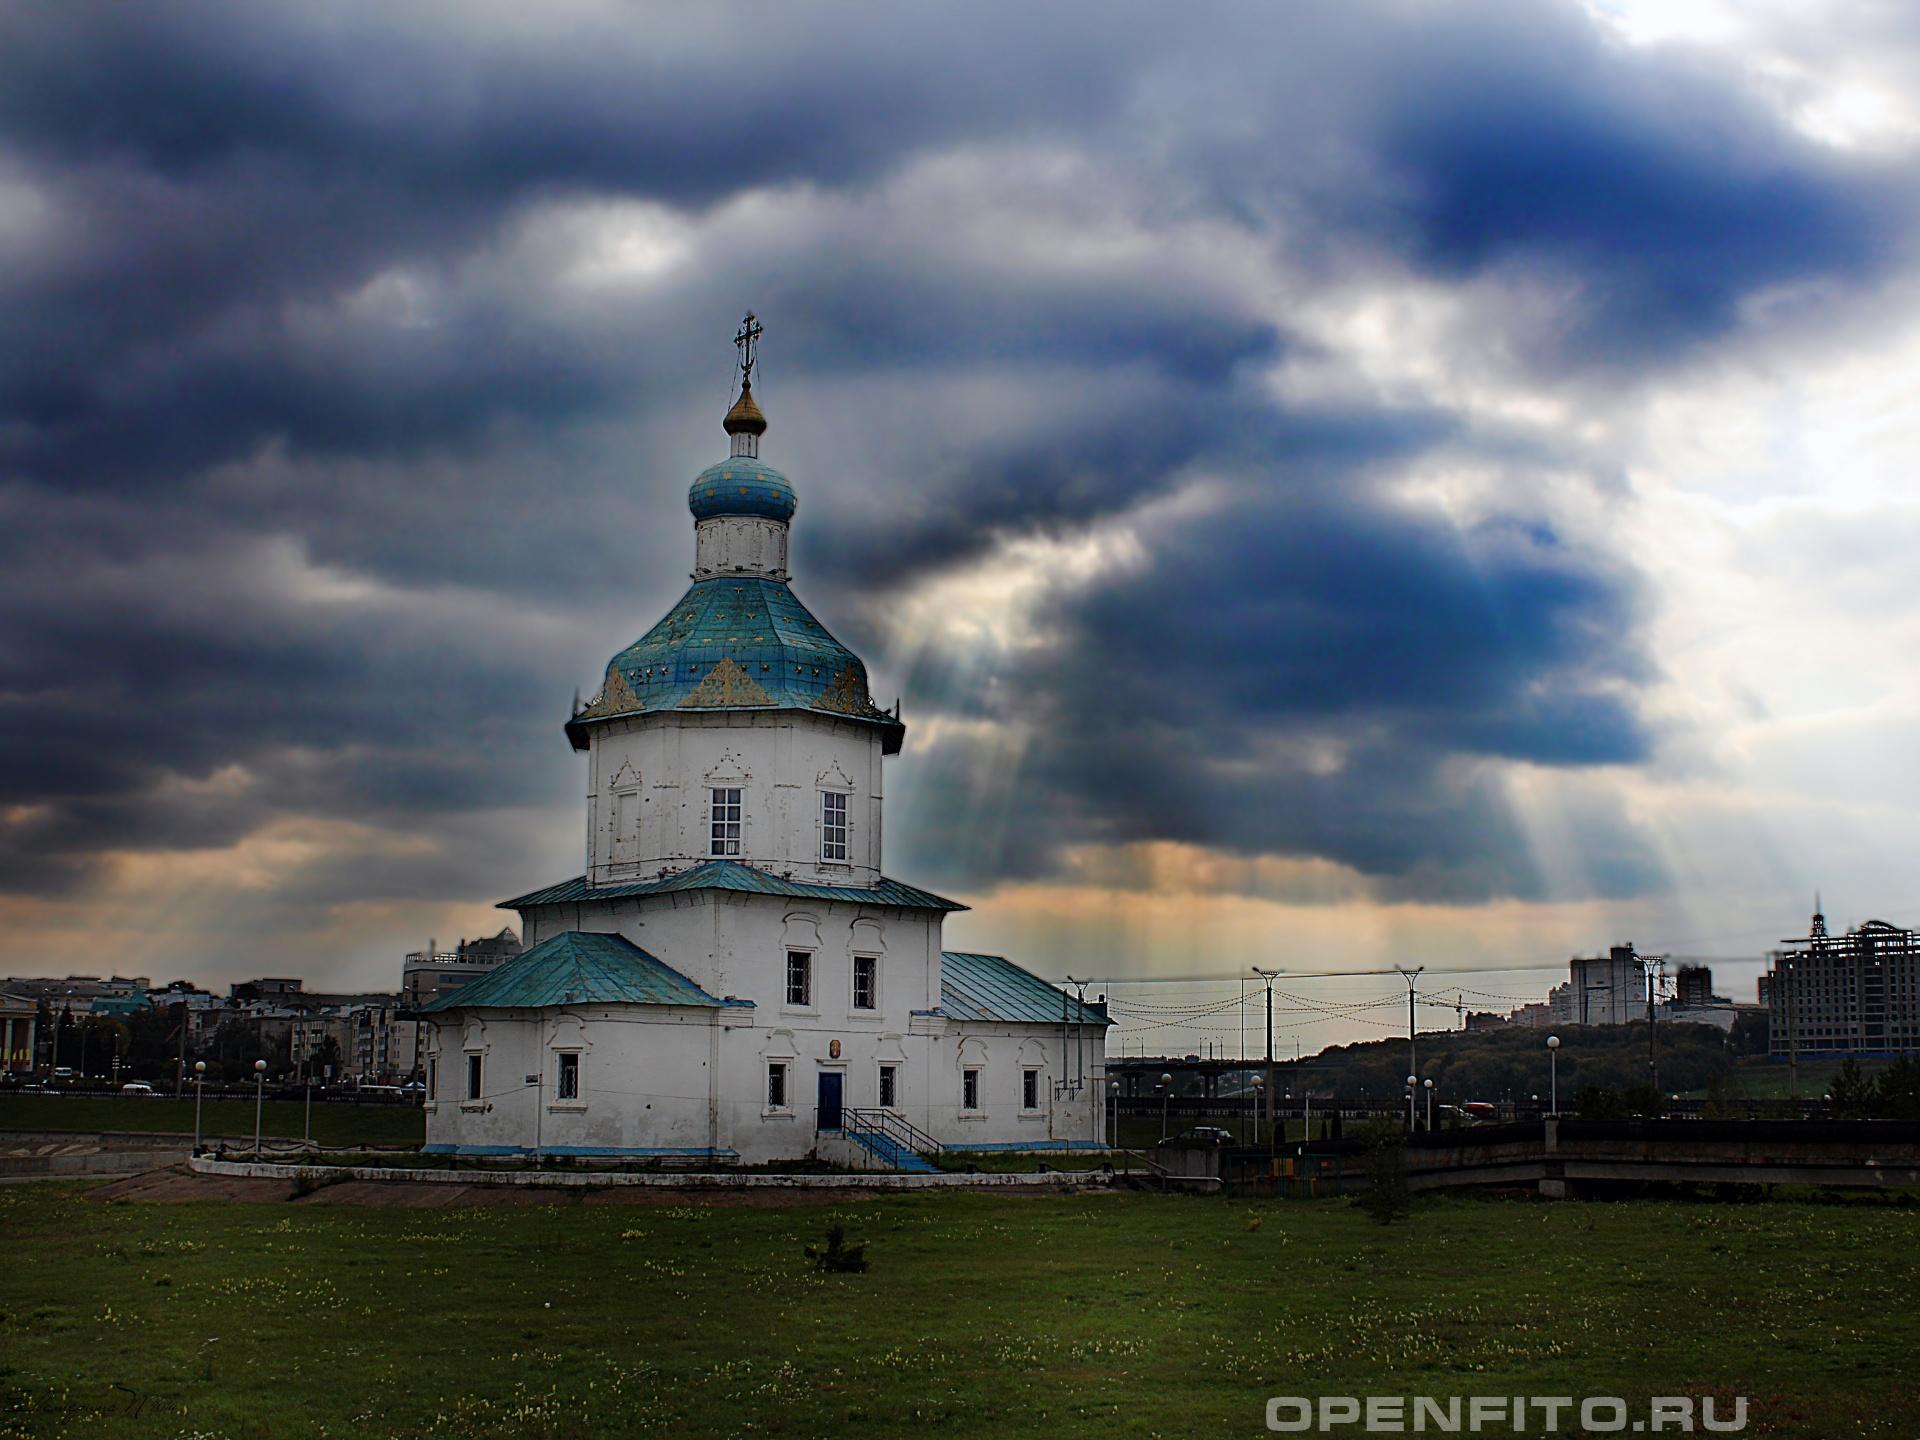 Успенская церковь Успенская церковь, город Чебоксары, Республика Чувашия